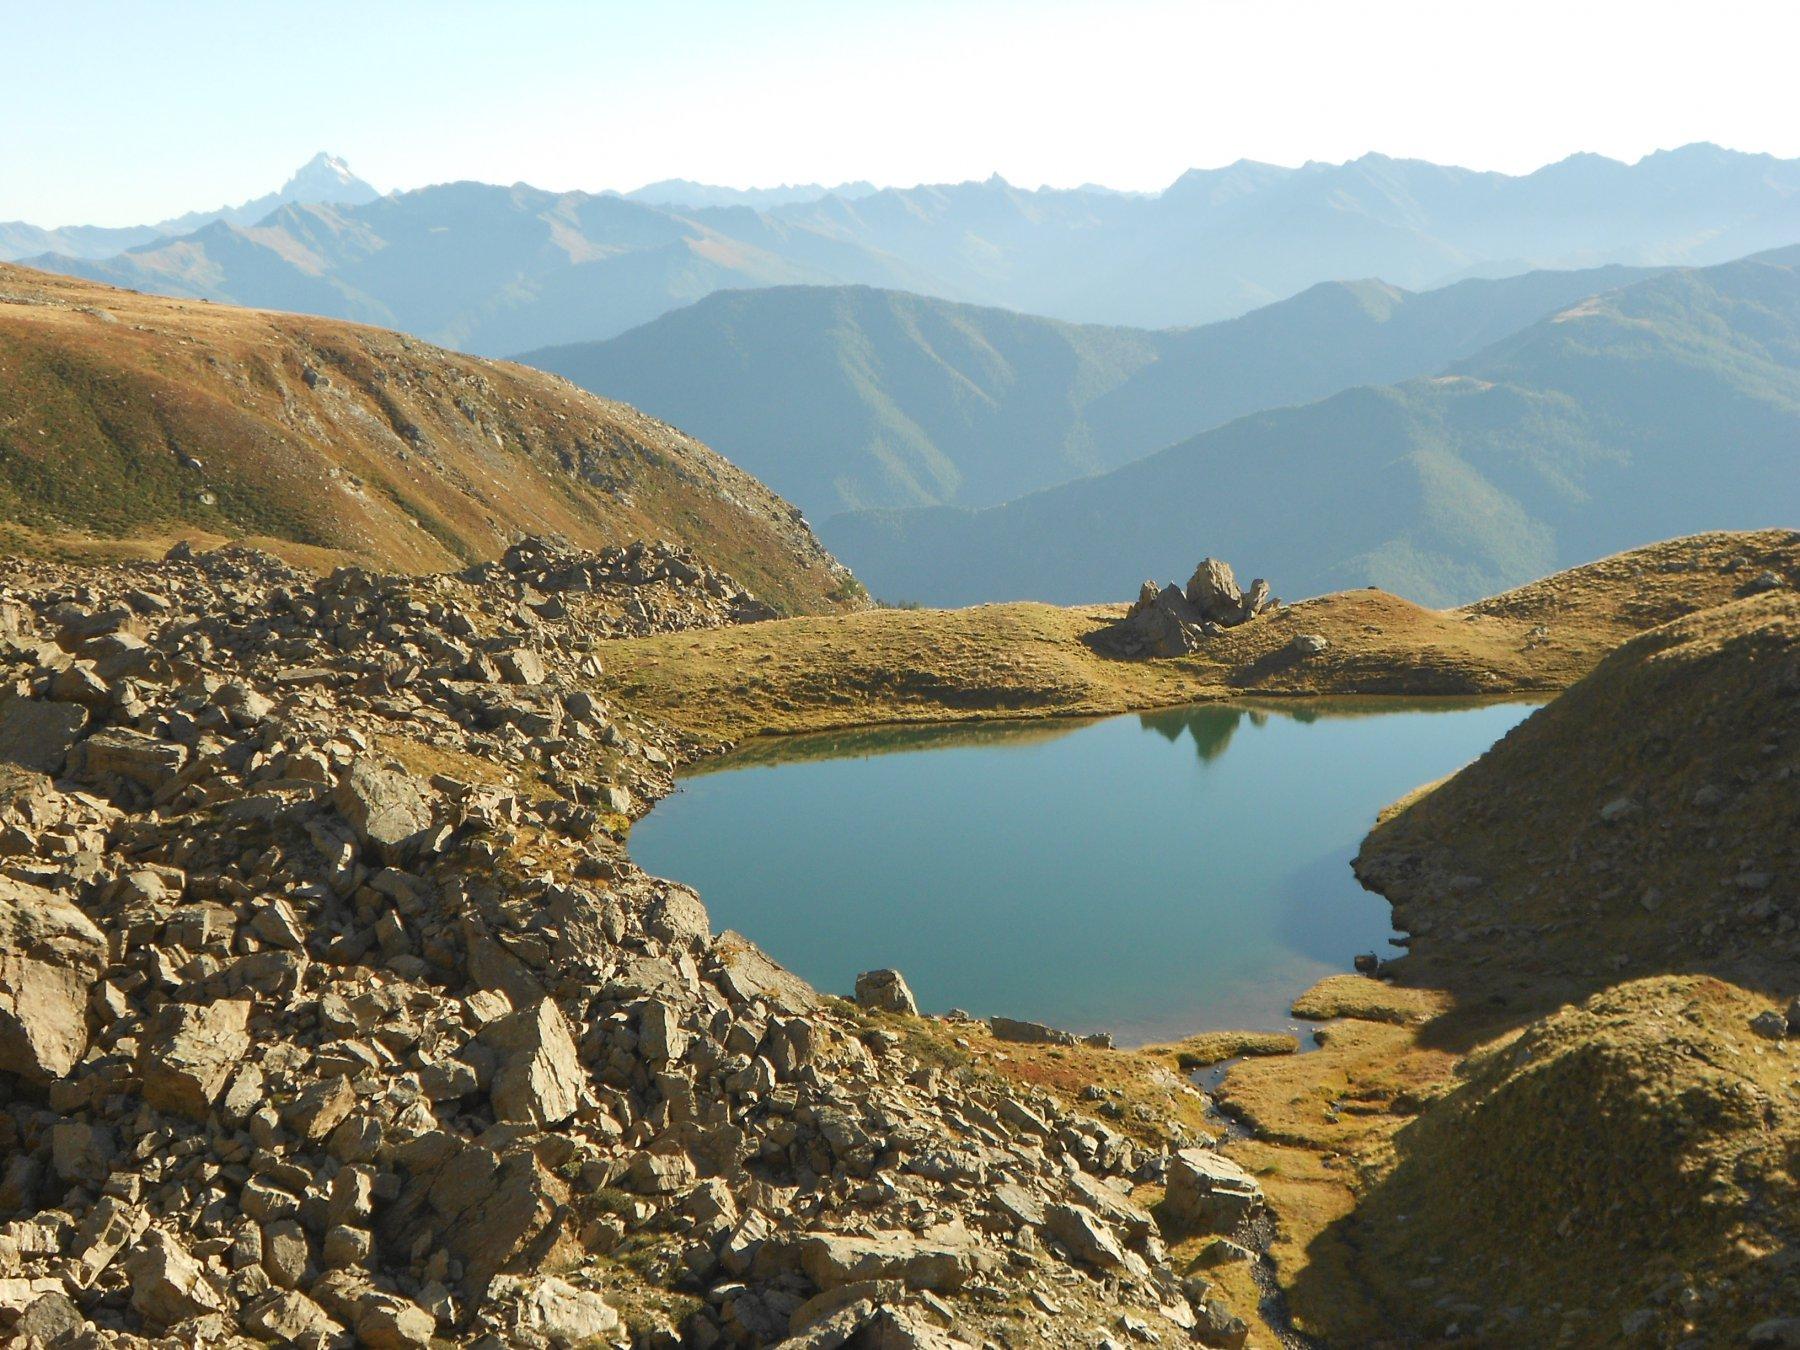 ...l'incanto del Lago della Manica!